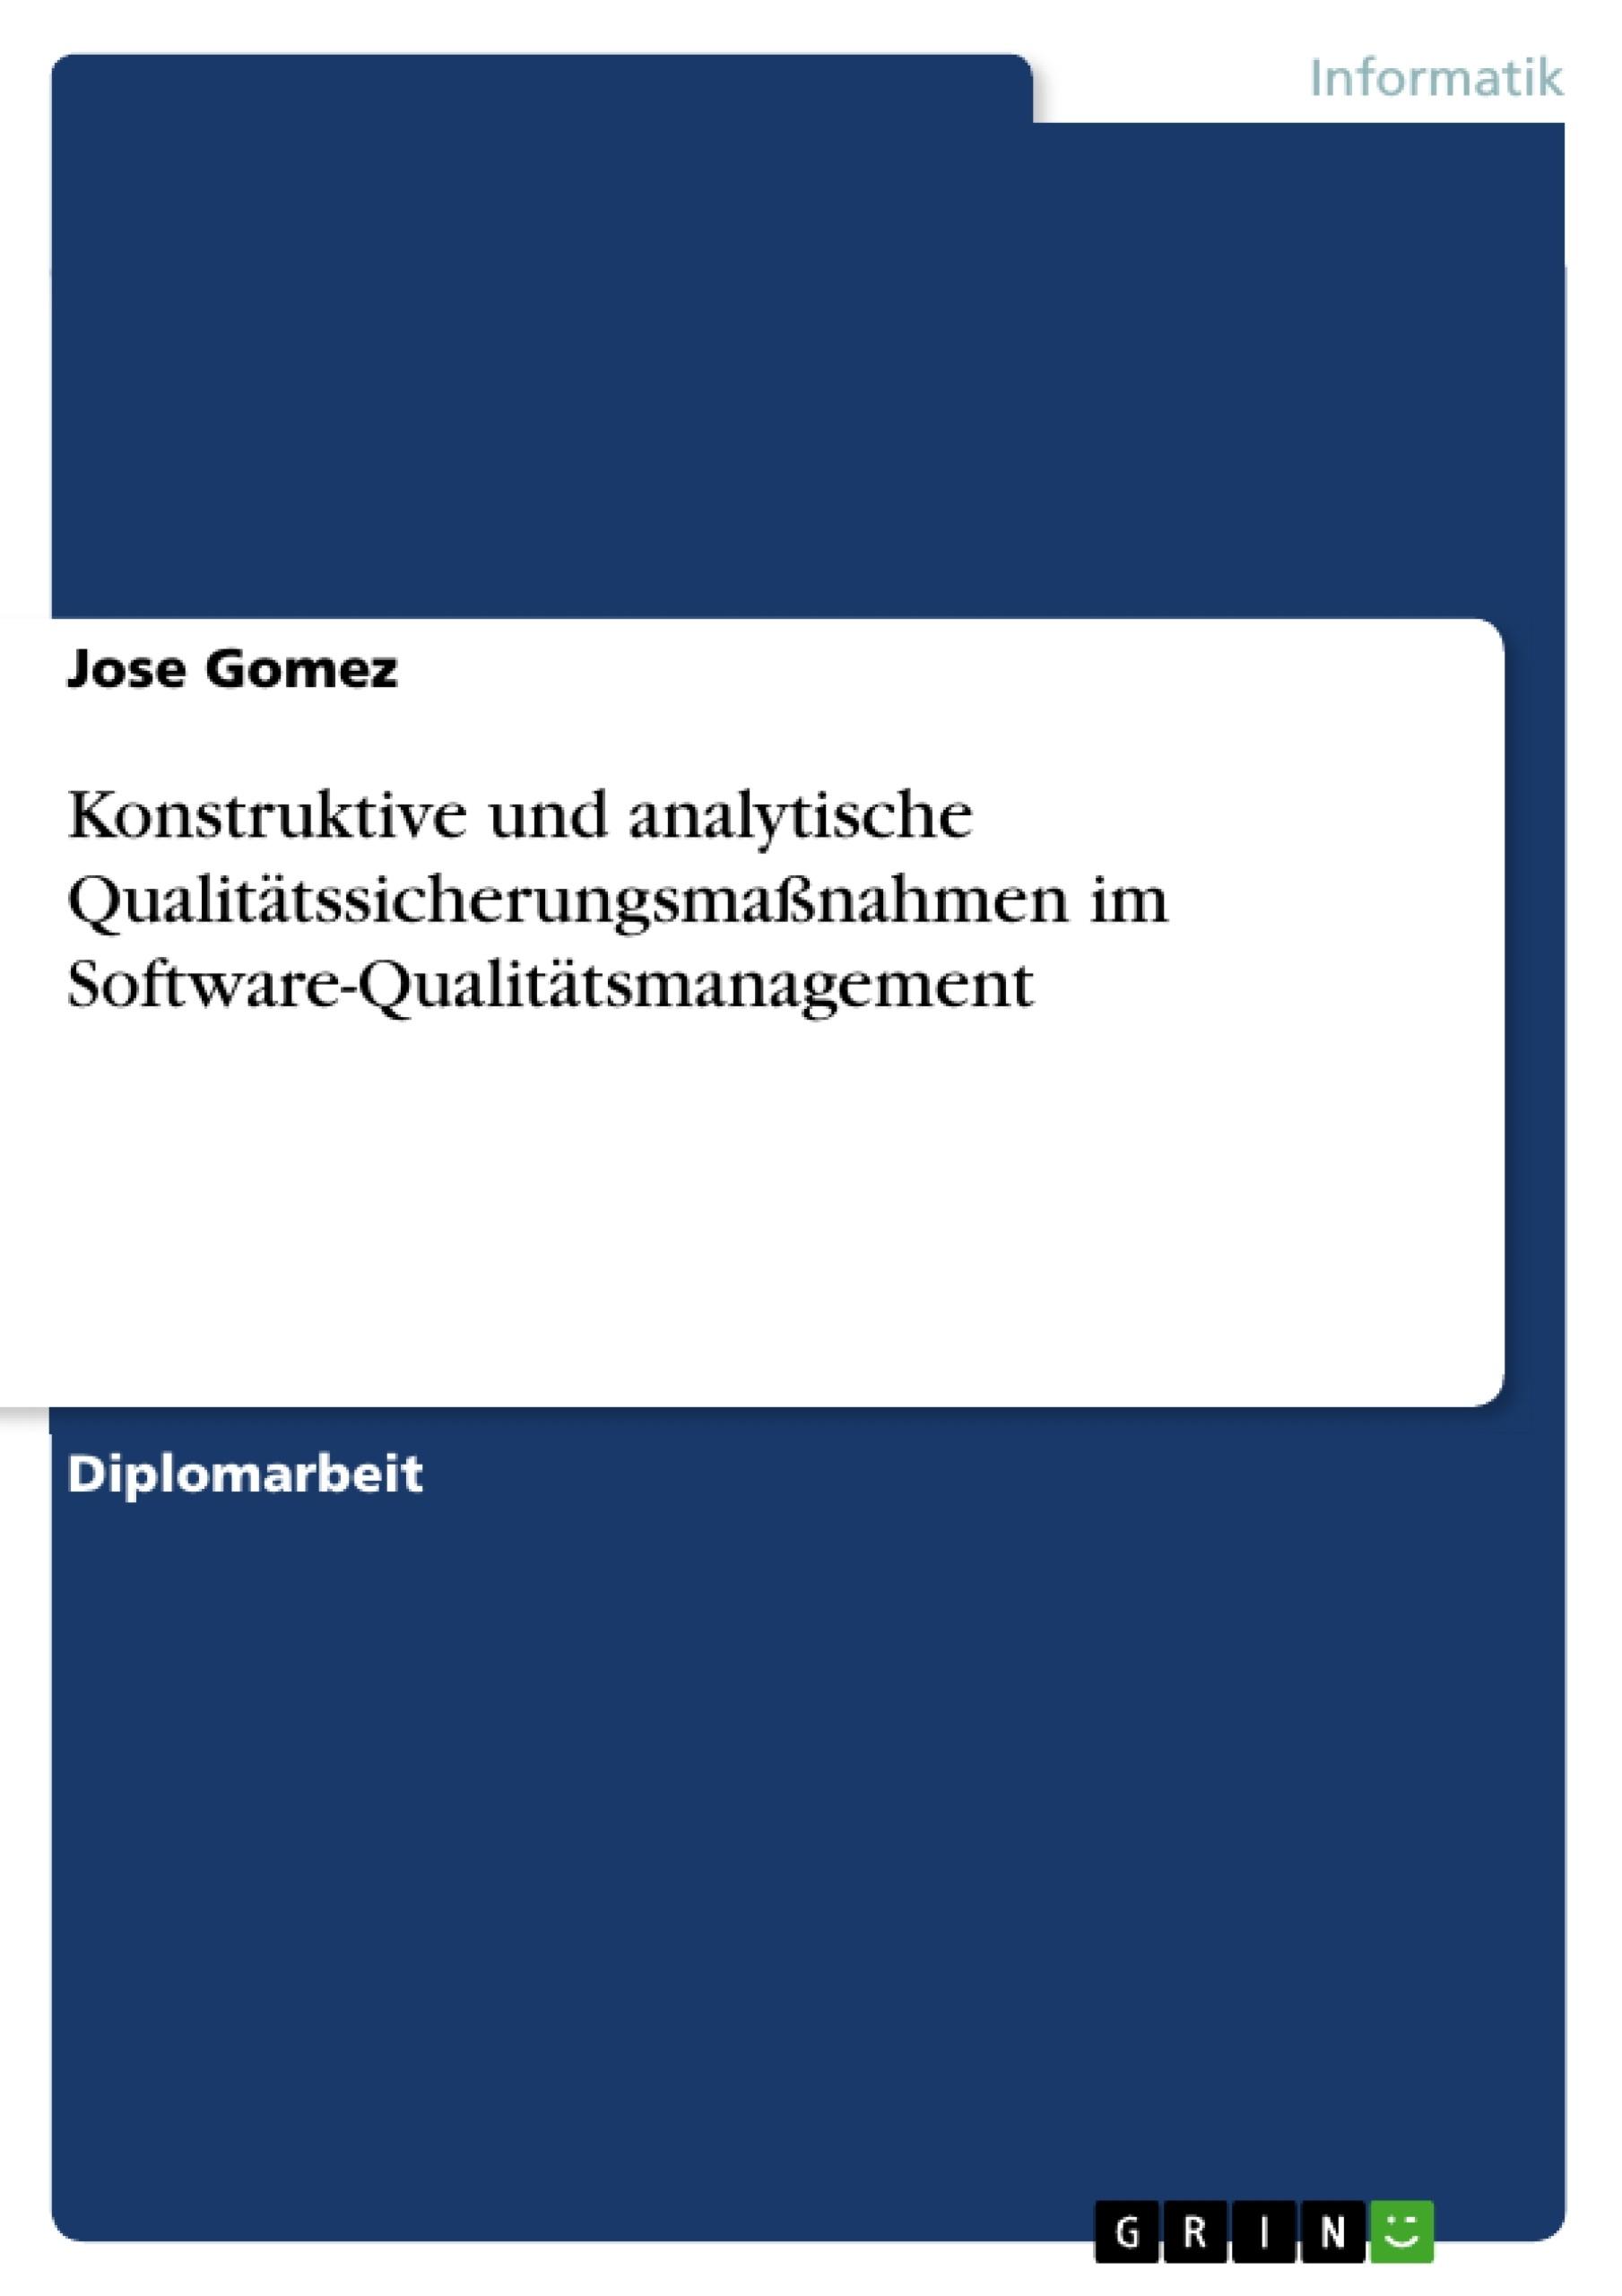 Titel: Konstruktive und analytische Qualitätssicherungsmaßnahmen im Software-Qualitätsmanagement